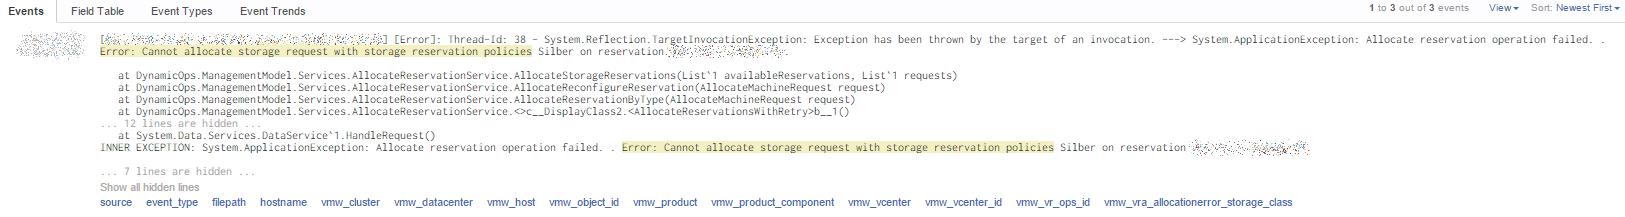 VMware vRealize Automation 6 Allocation Error - Error in Log Insight